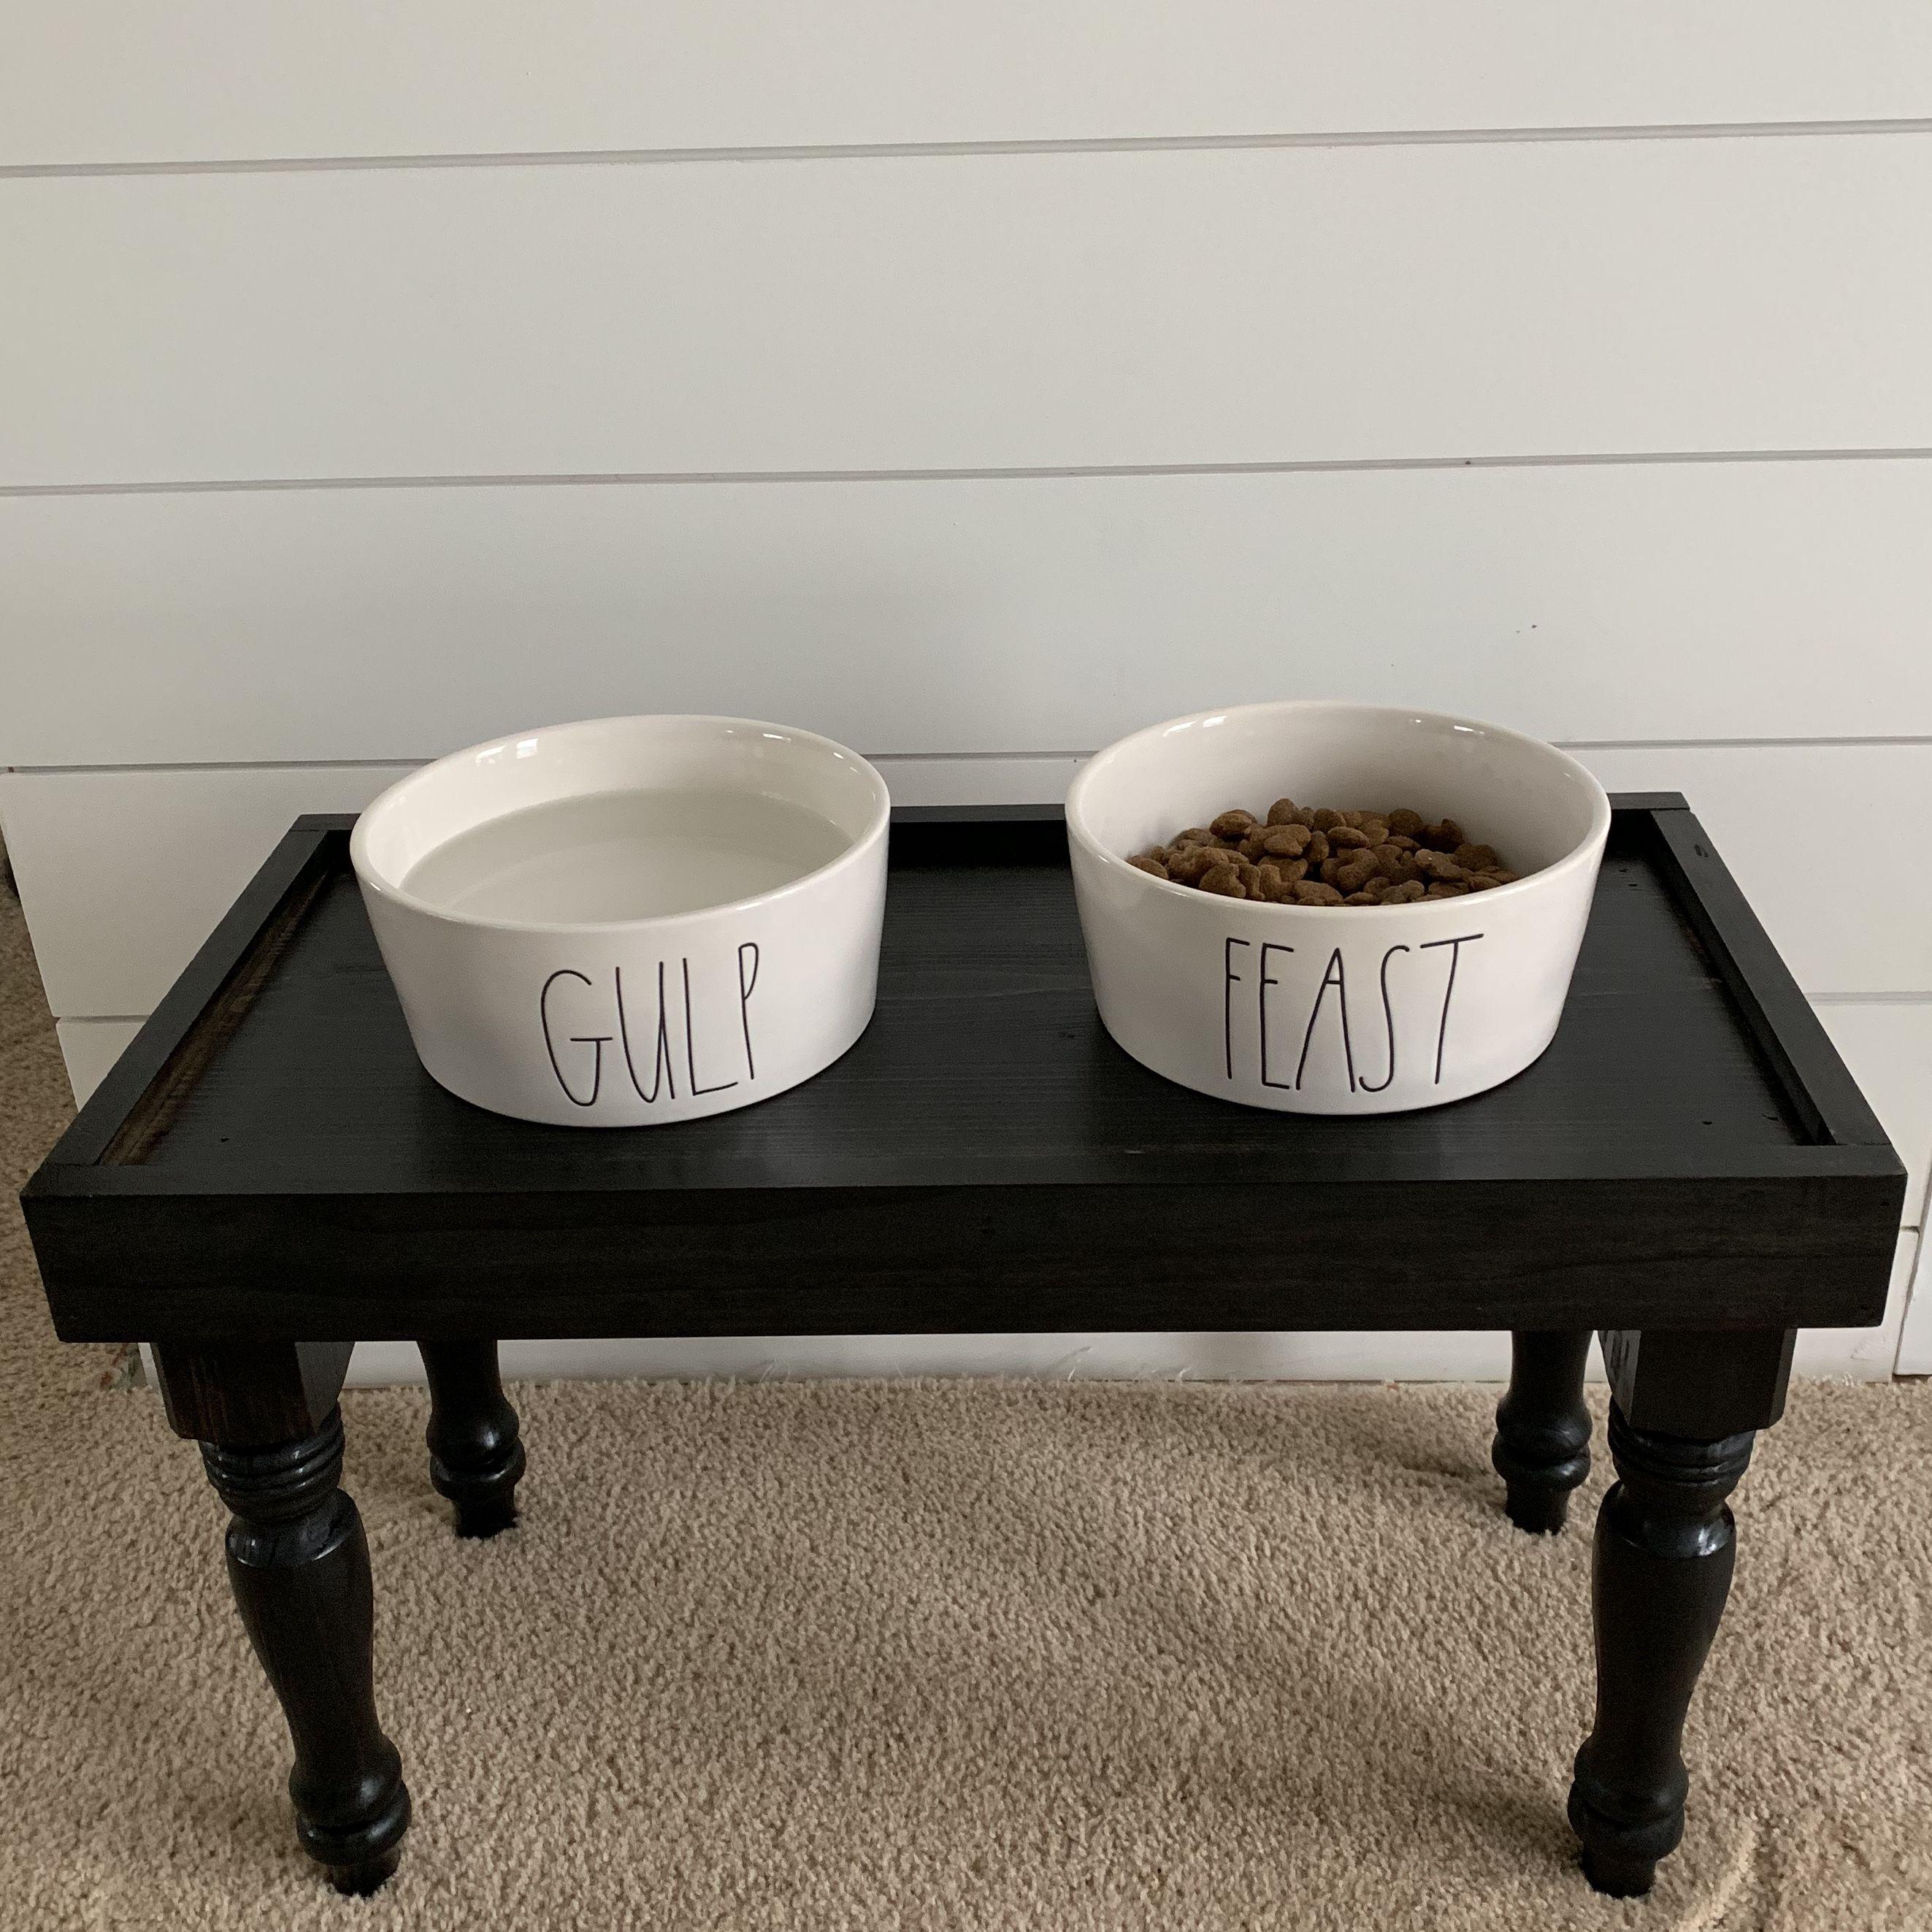 Diy Rae Dunn Pet Bowl Stand Dog Bowls Dog Bowls Diy